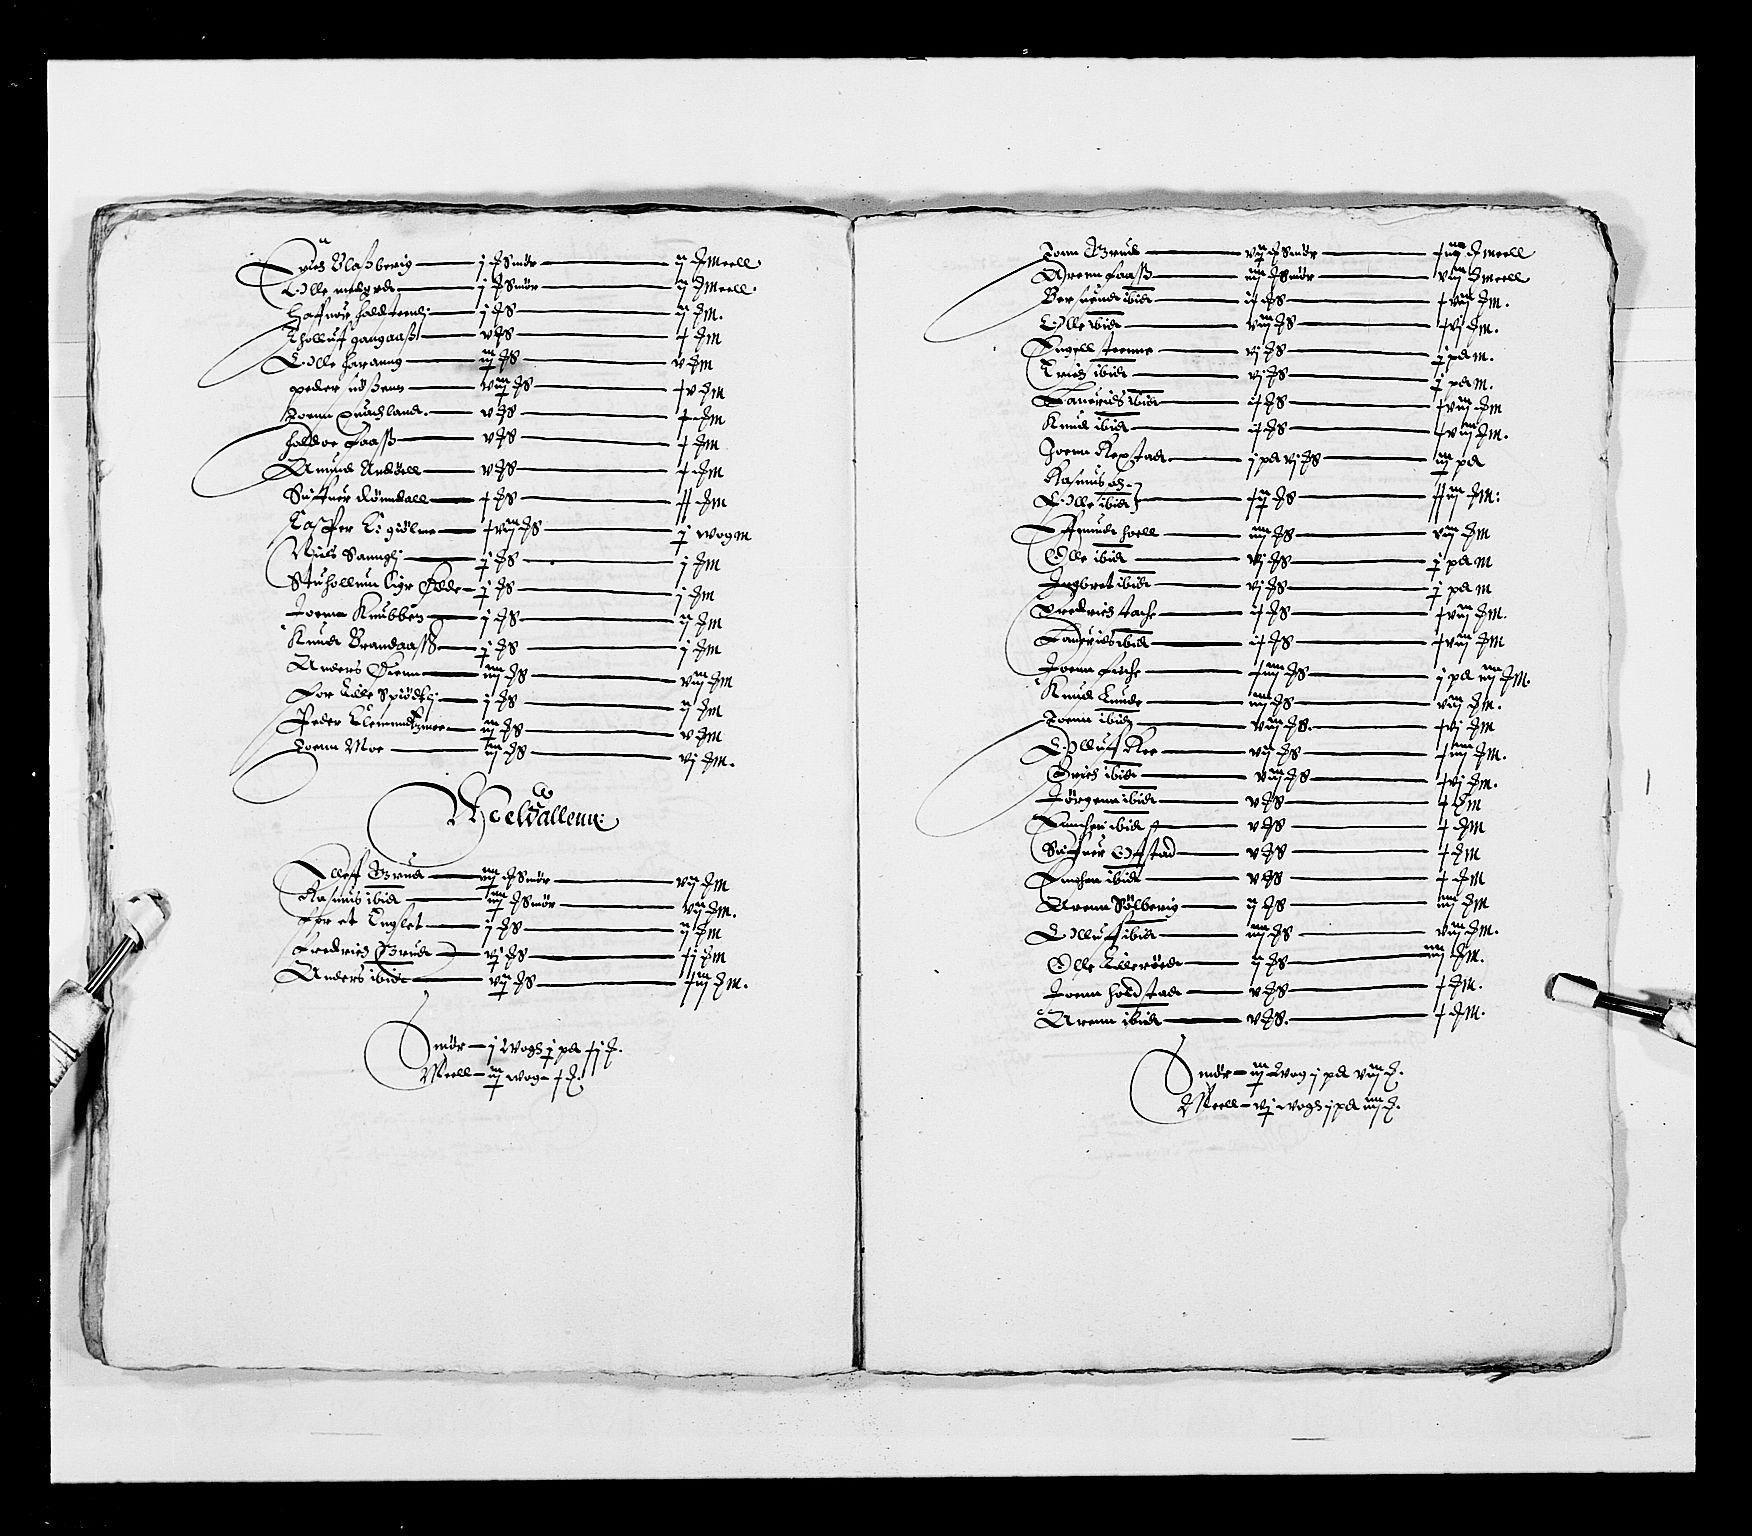 RA, Stattholderembetet 1572-1771, Ek/L0028: Jordebøker 1633-1658:, 1645-1646, s. 187